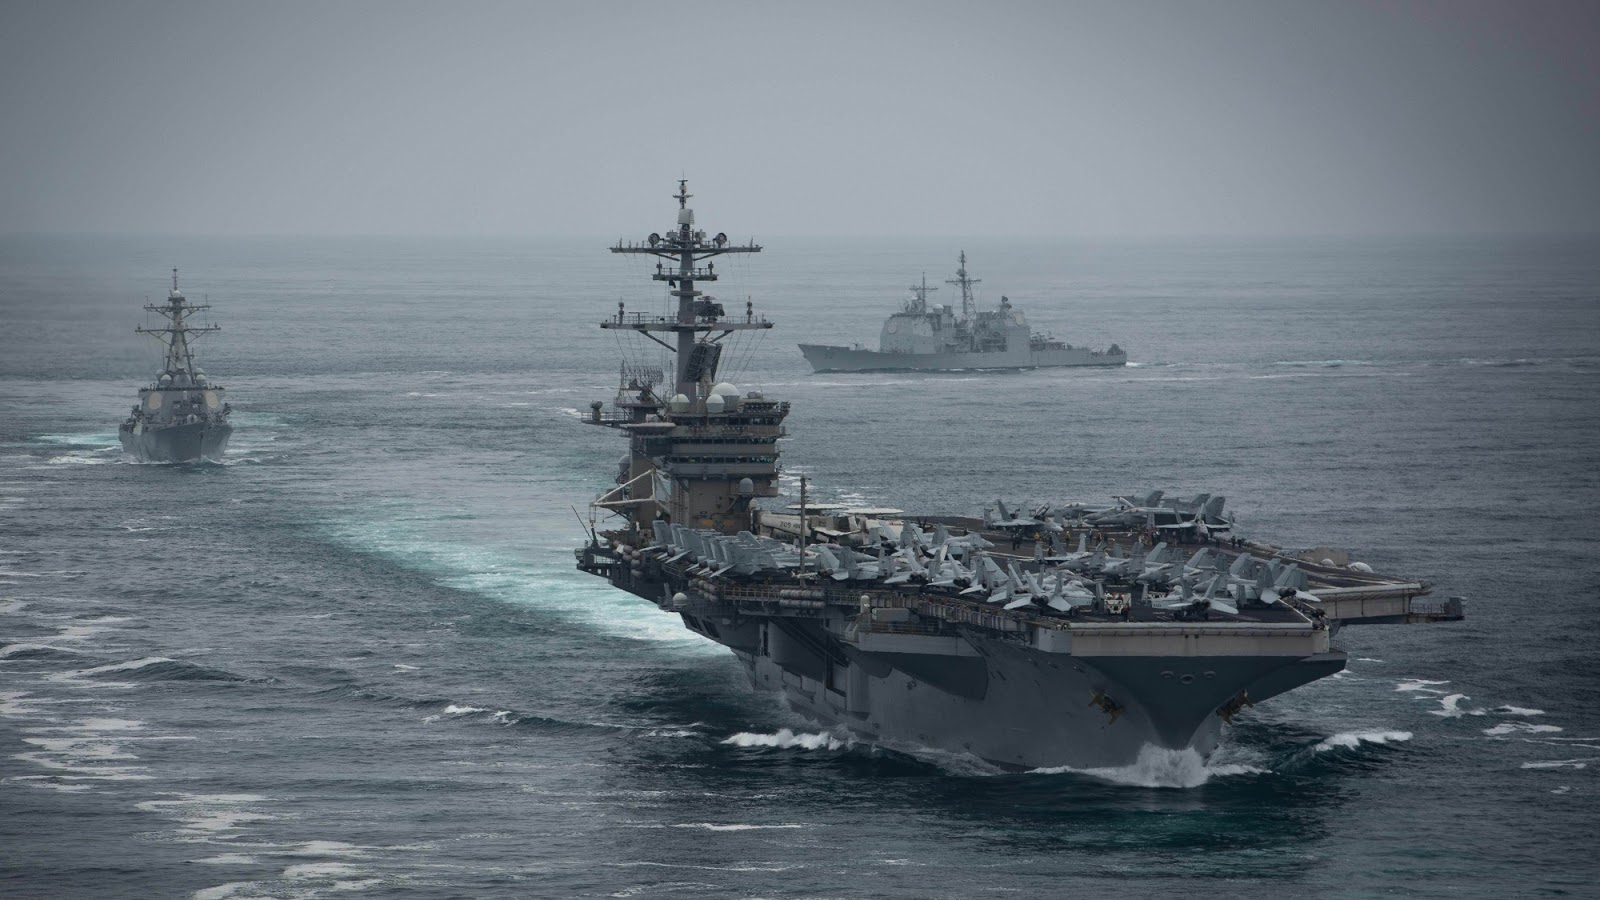 美军航空母舰抵达后,我军罕见展示豪华阵容,释放何种信号?